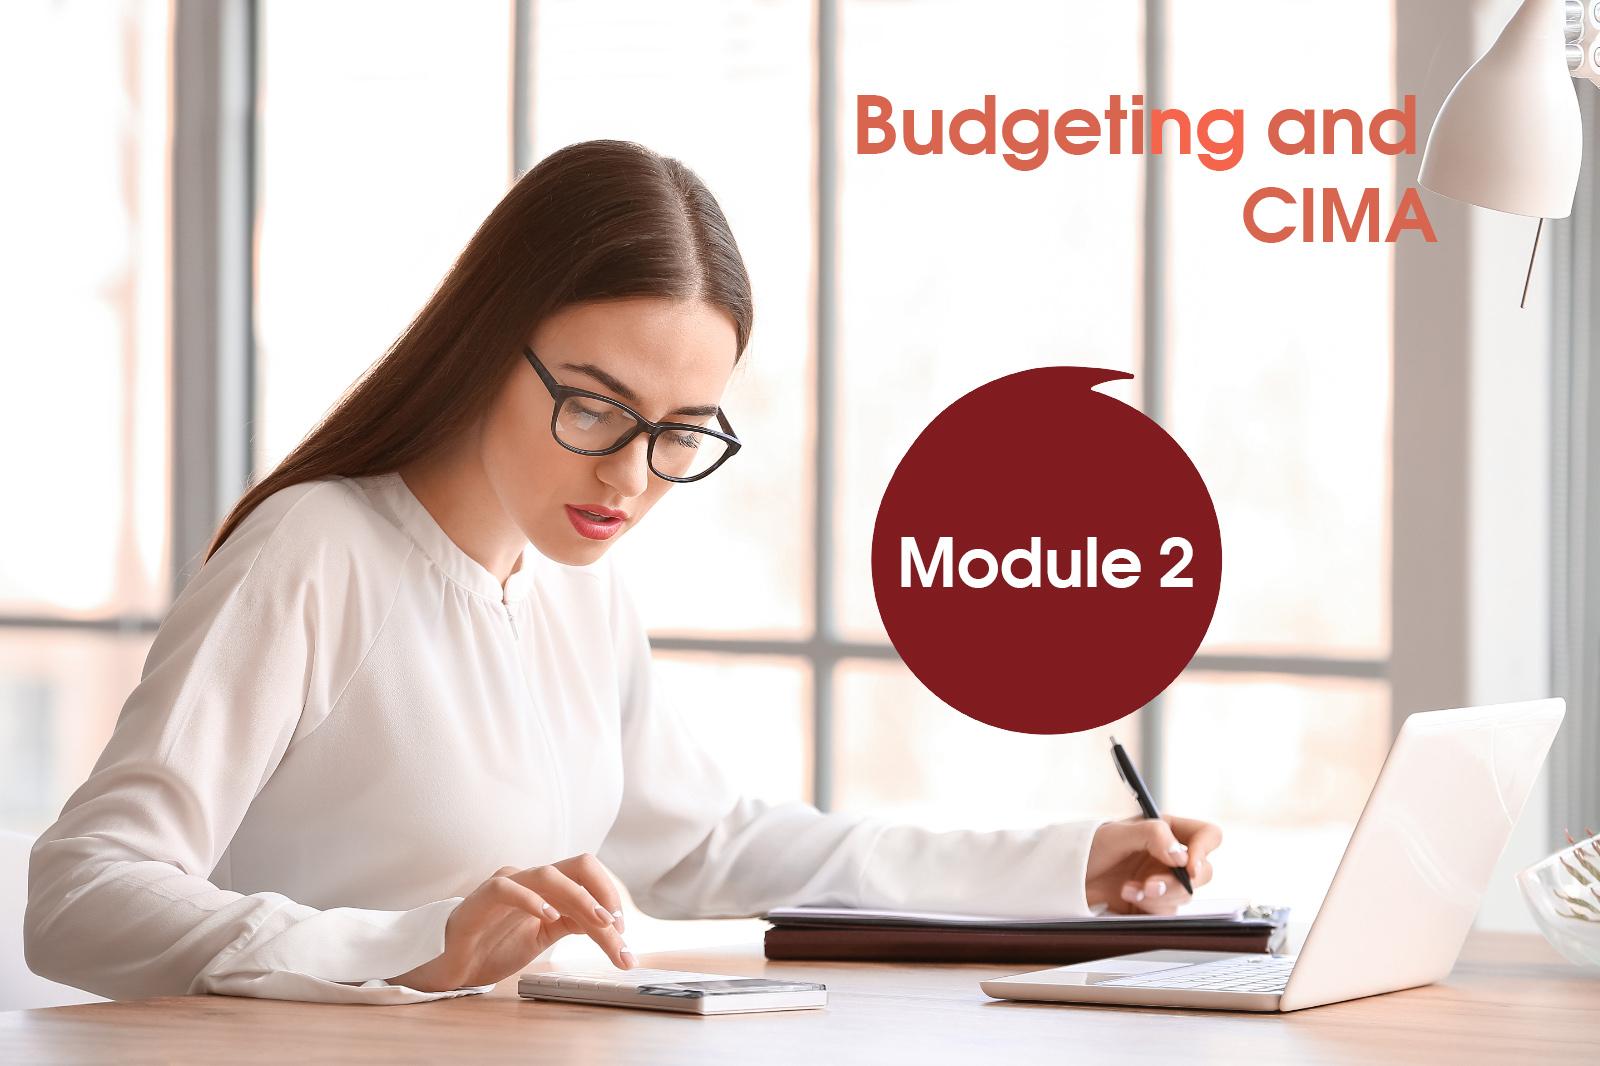 Фінансова англійська для CIMA, управлінський облік Модуль 2